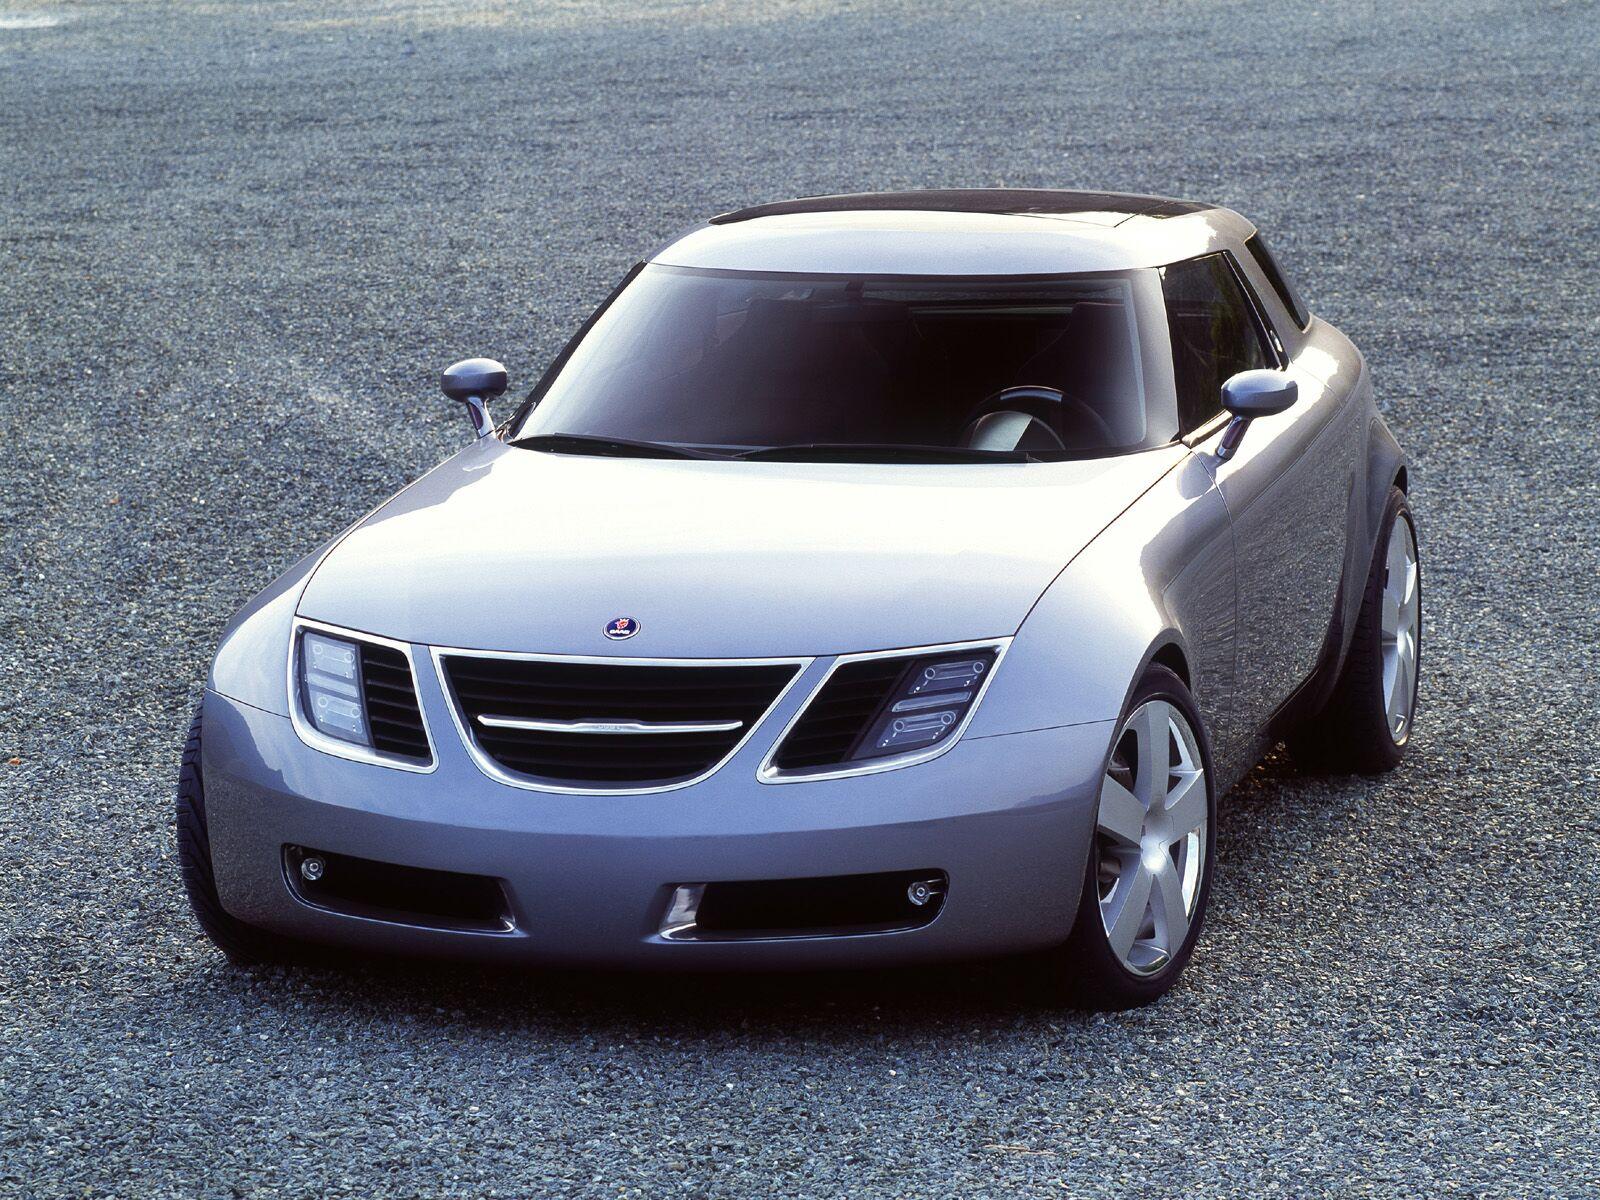 saab 9x concept car 2001 saab 9x concept car 2001 photo 05. Black Bedroom Furniture Sets. Home Design Ideas